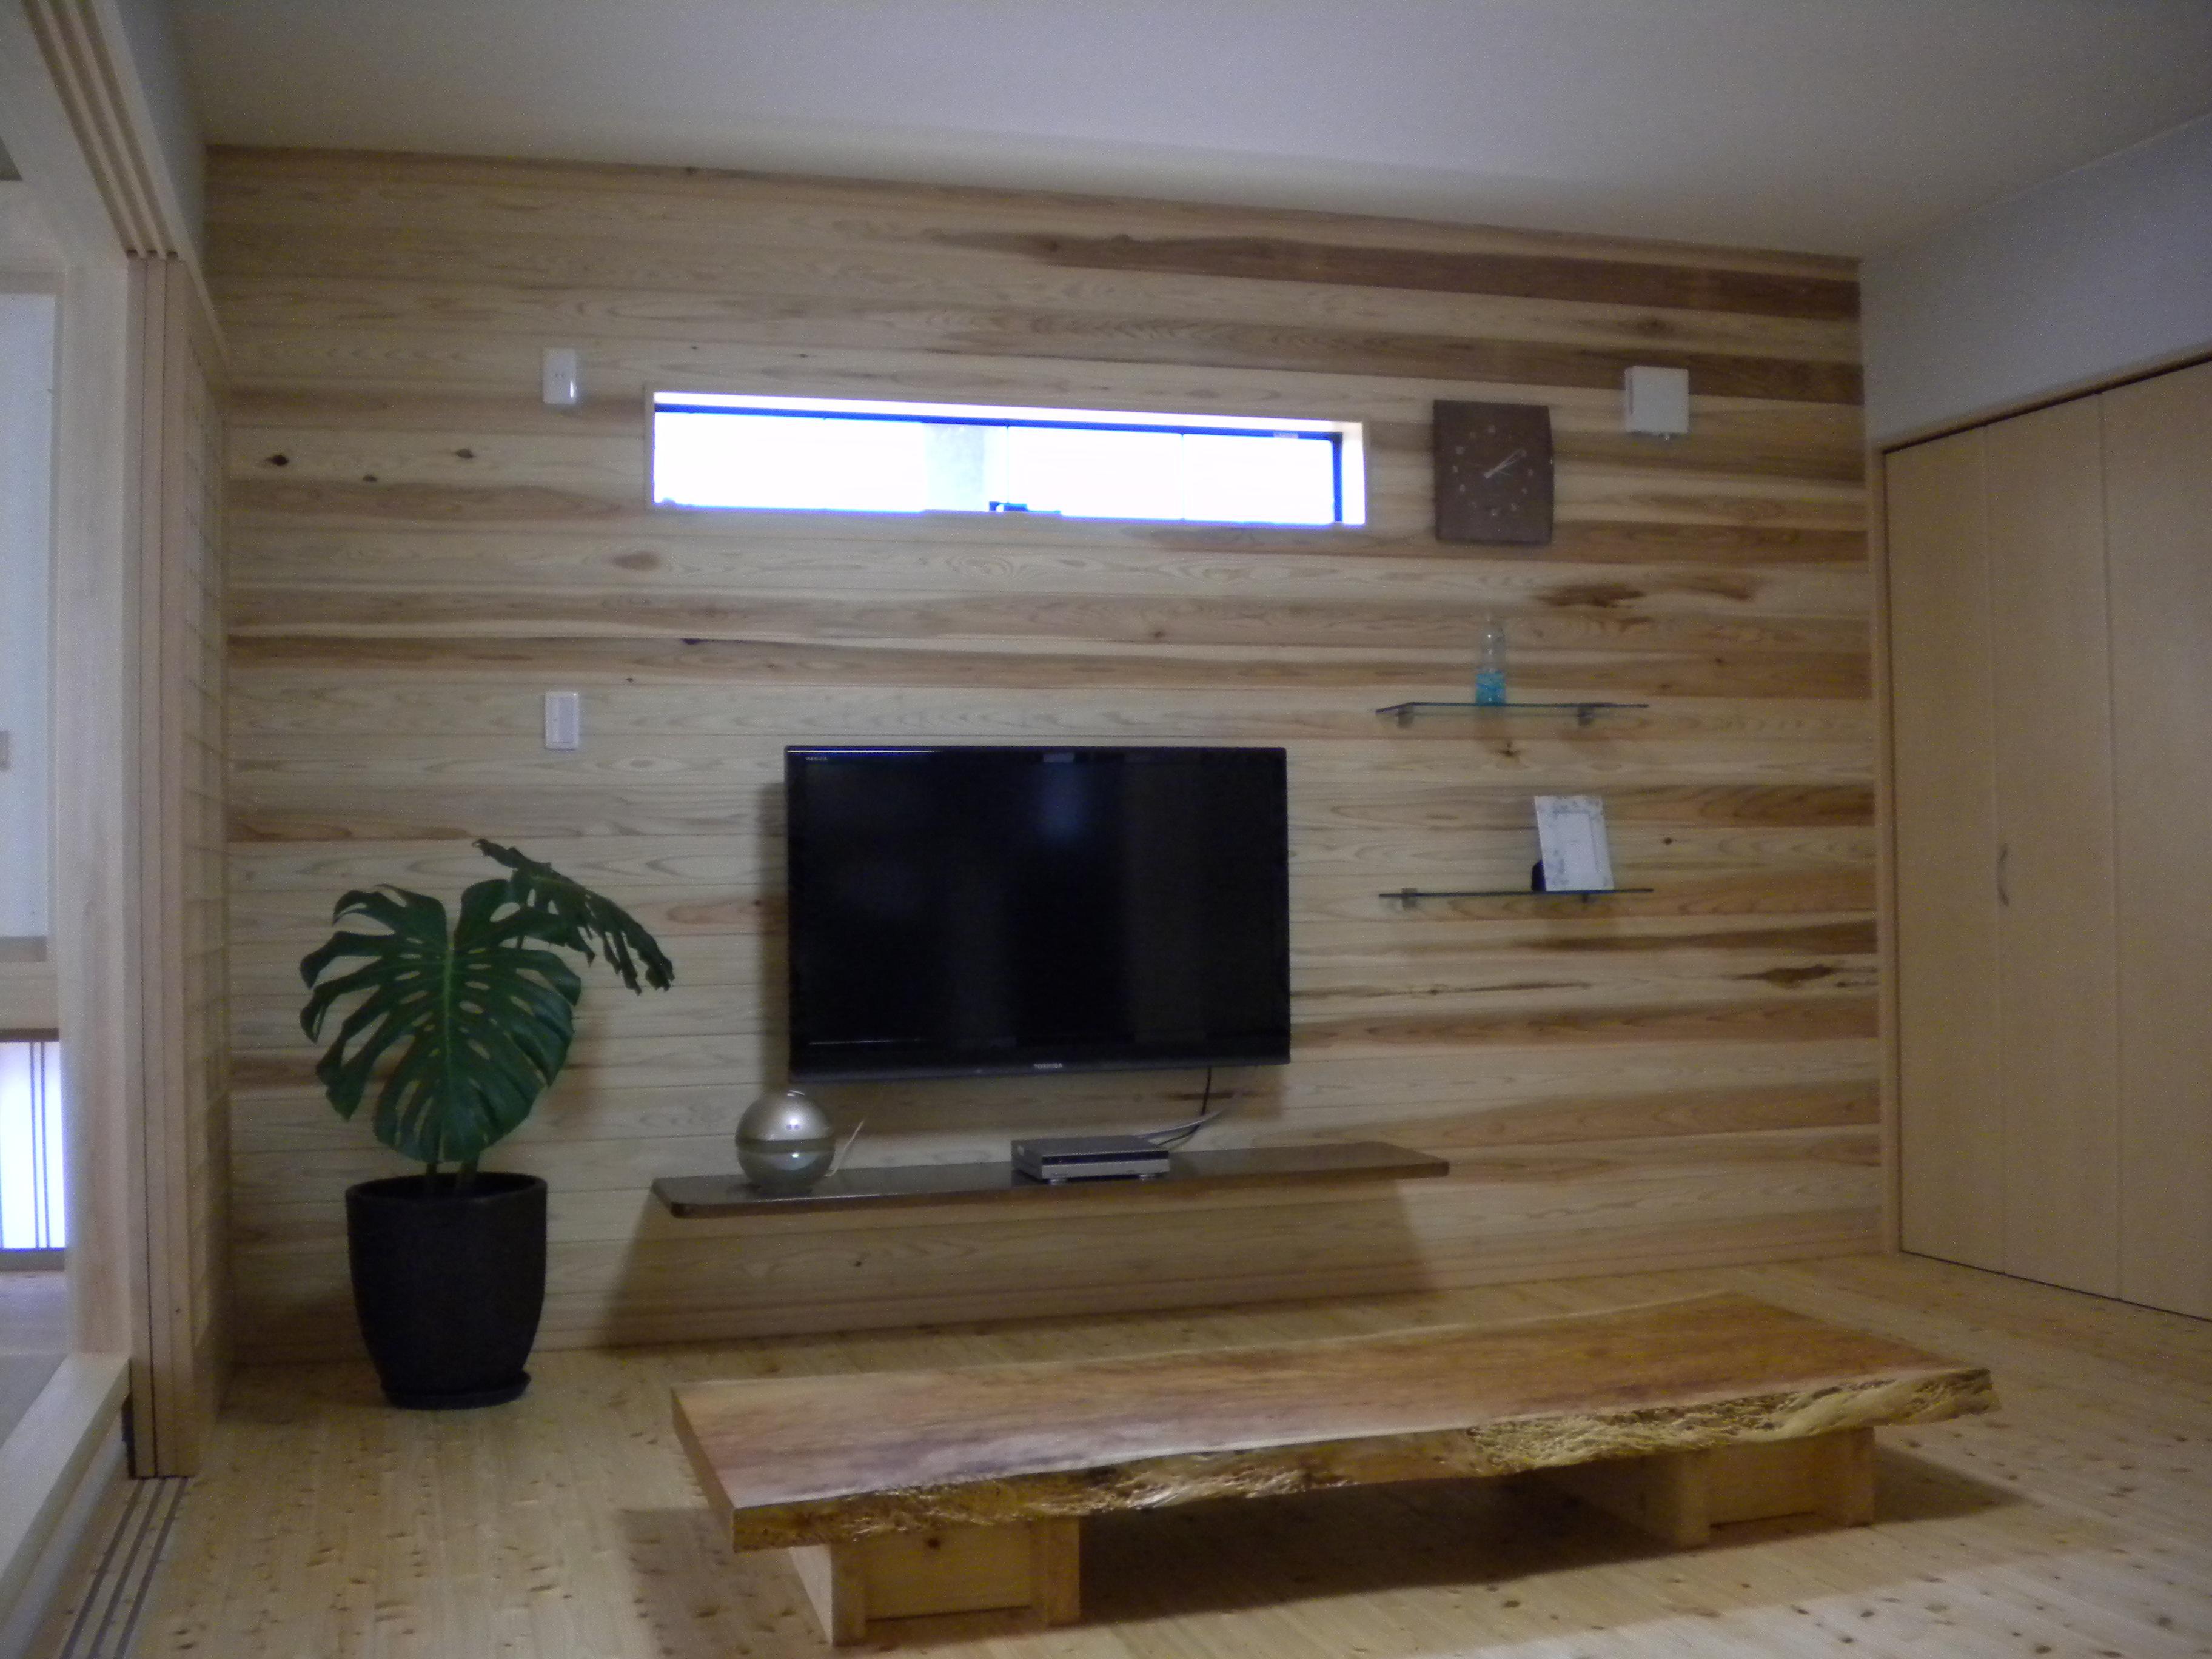 壁掛け補強やAVカウンター設置でテレビ廻りもスッキリ設計。家宝となるべくして製作された貴重な欅ガニ杢一枚板の座卓